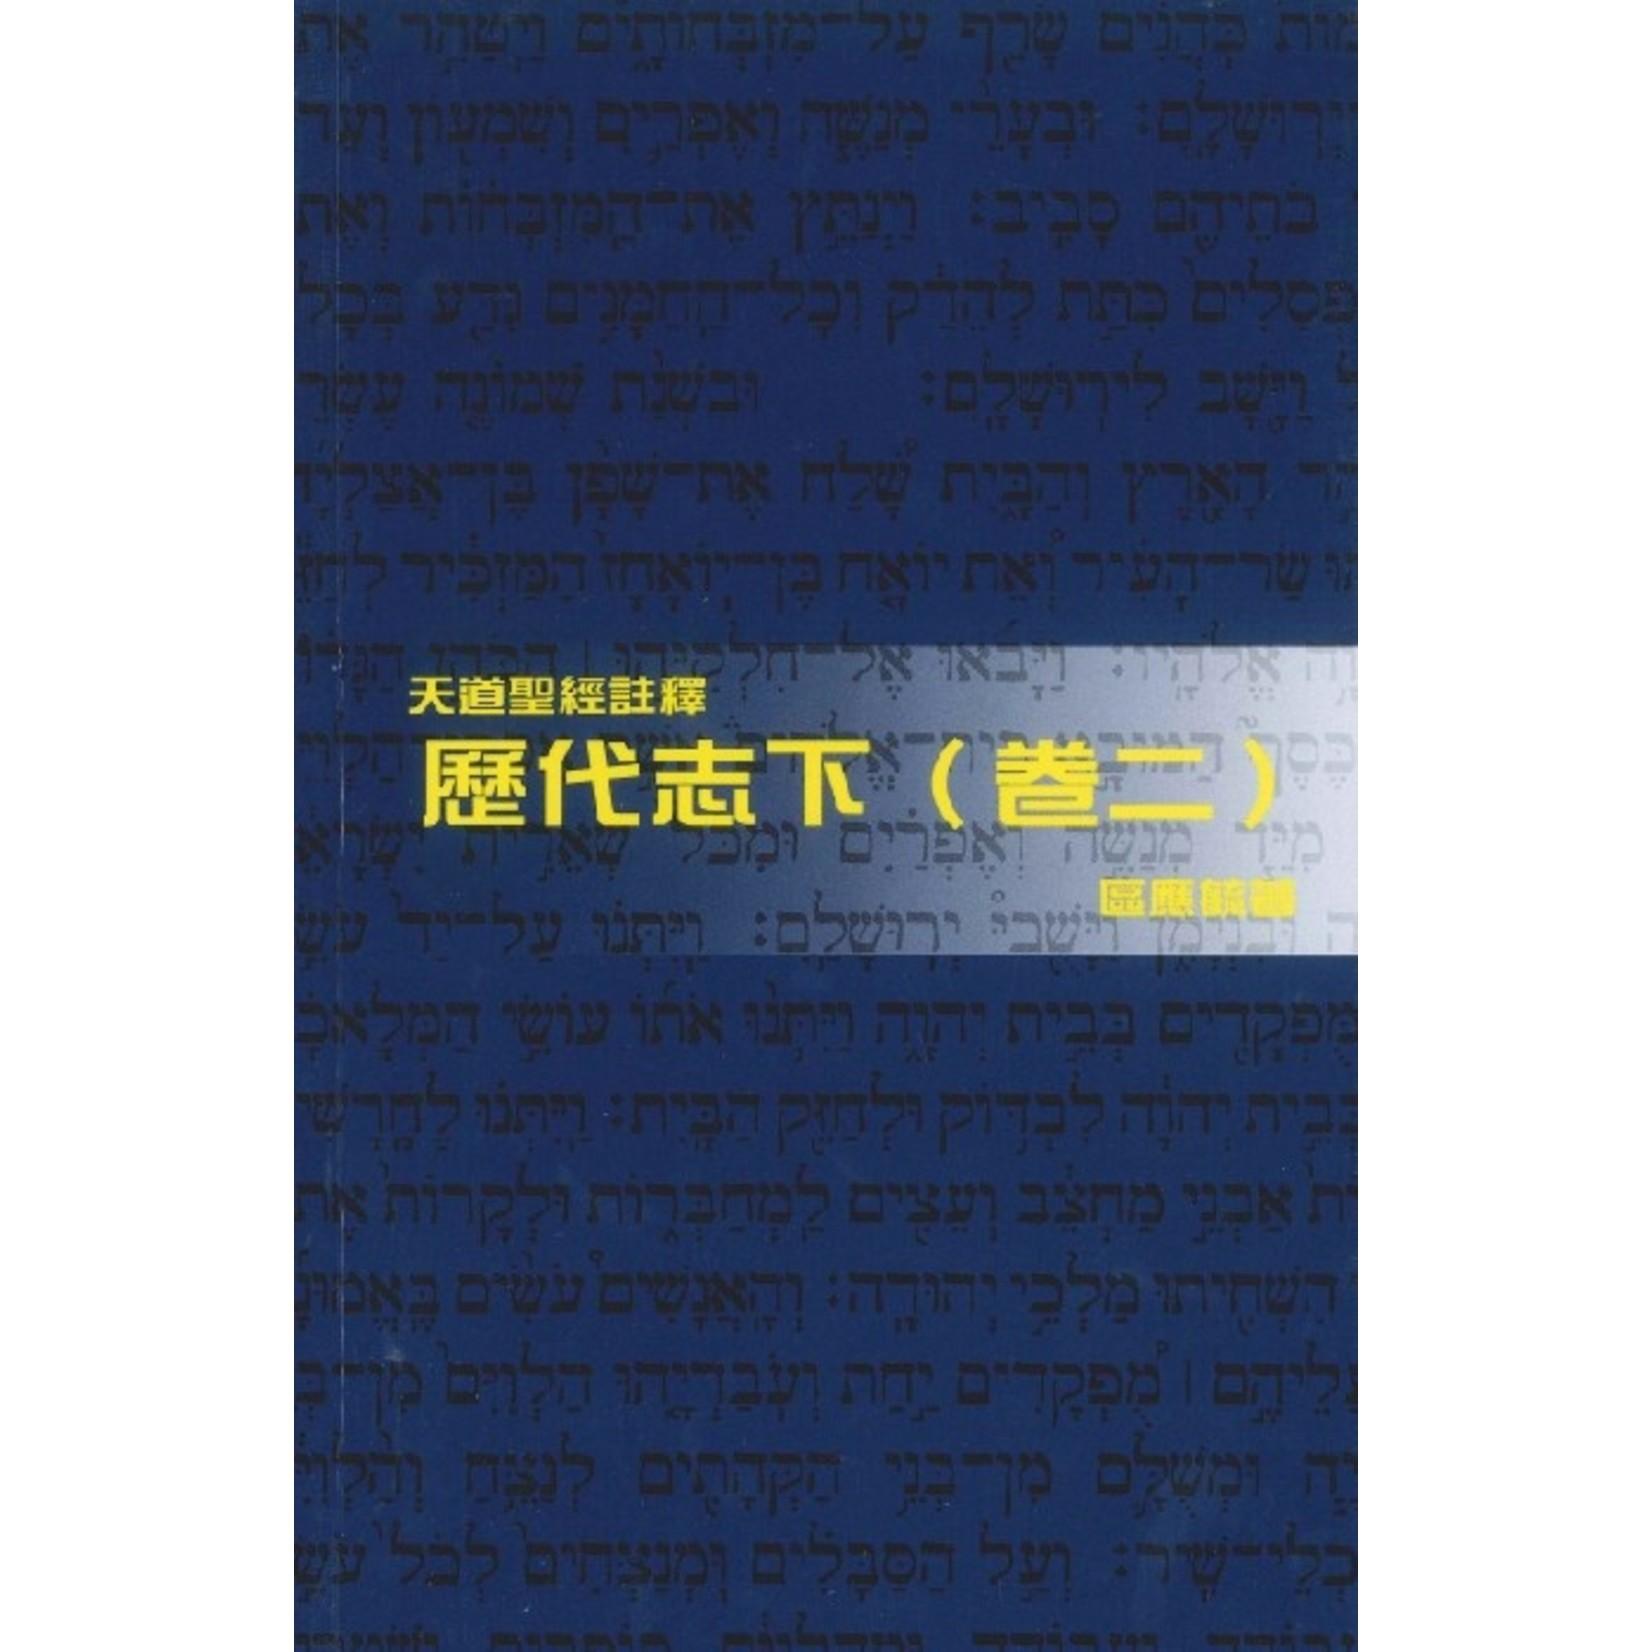 天道書樓 Tien Dao Publishing House 天道聖經註釋:歷代志下(卷二)